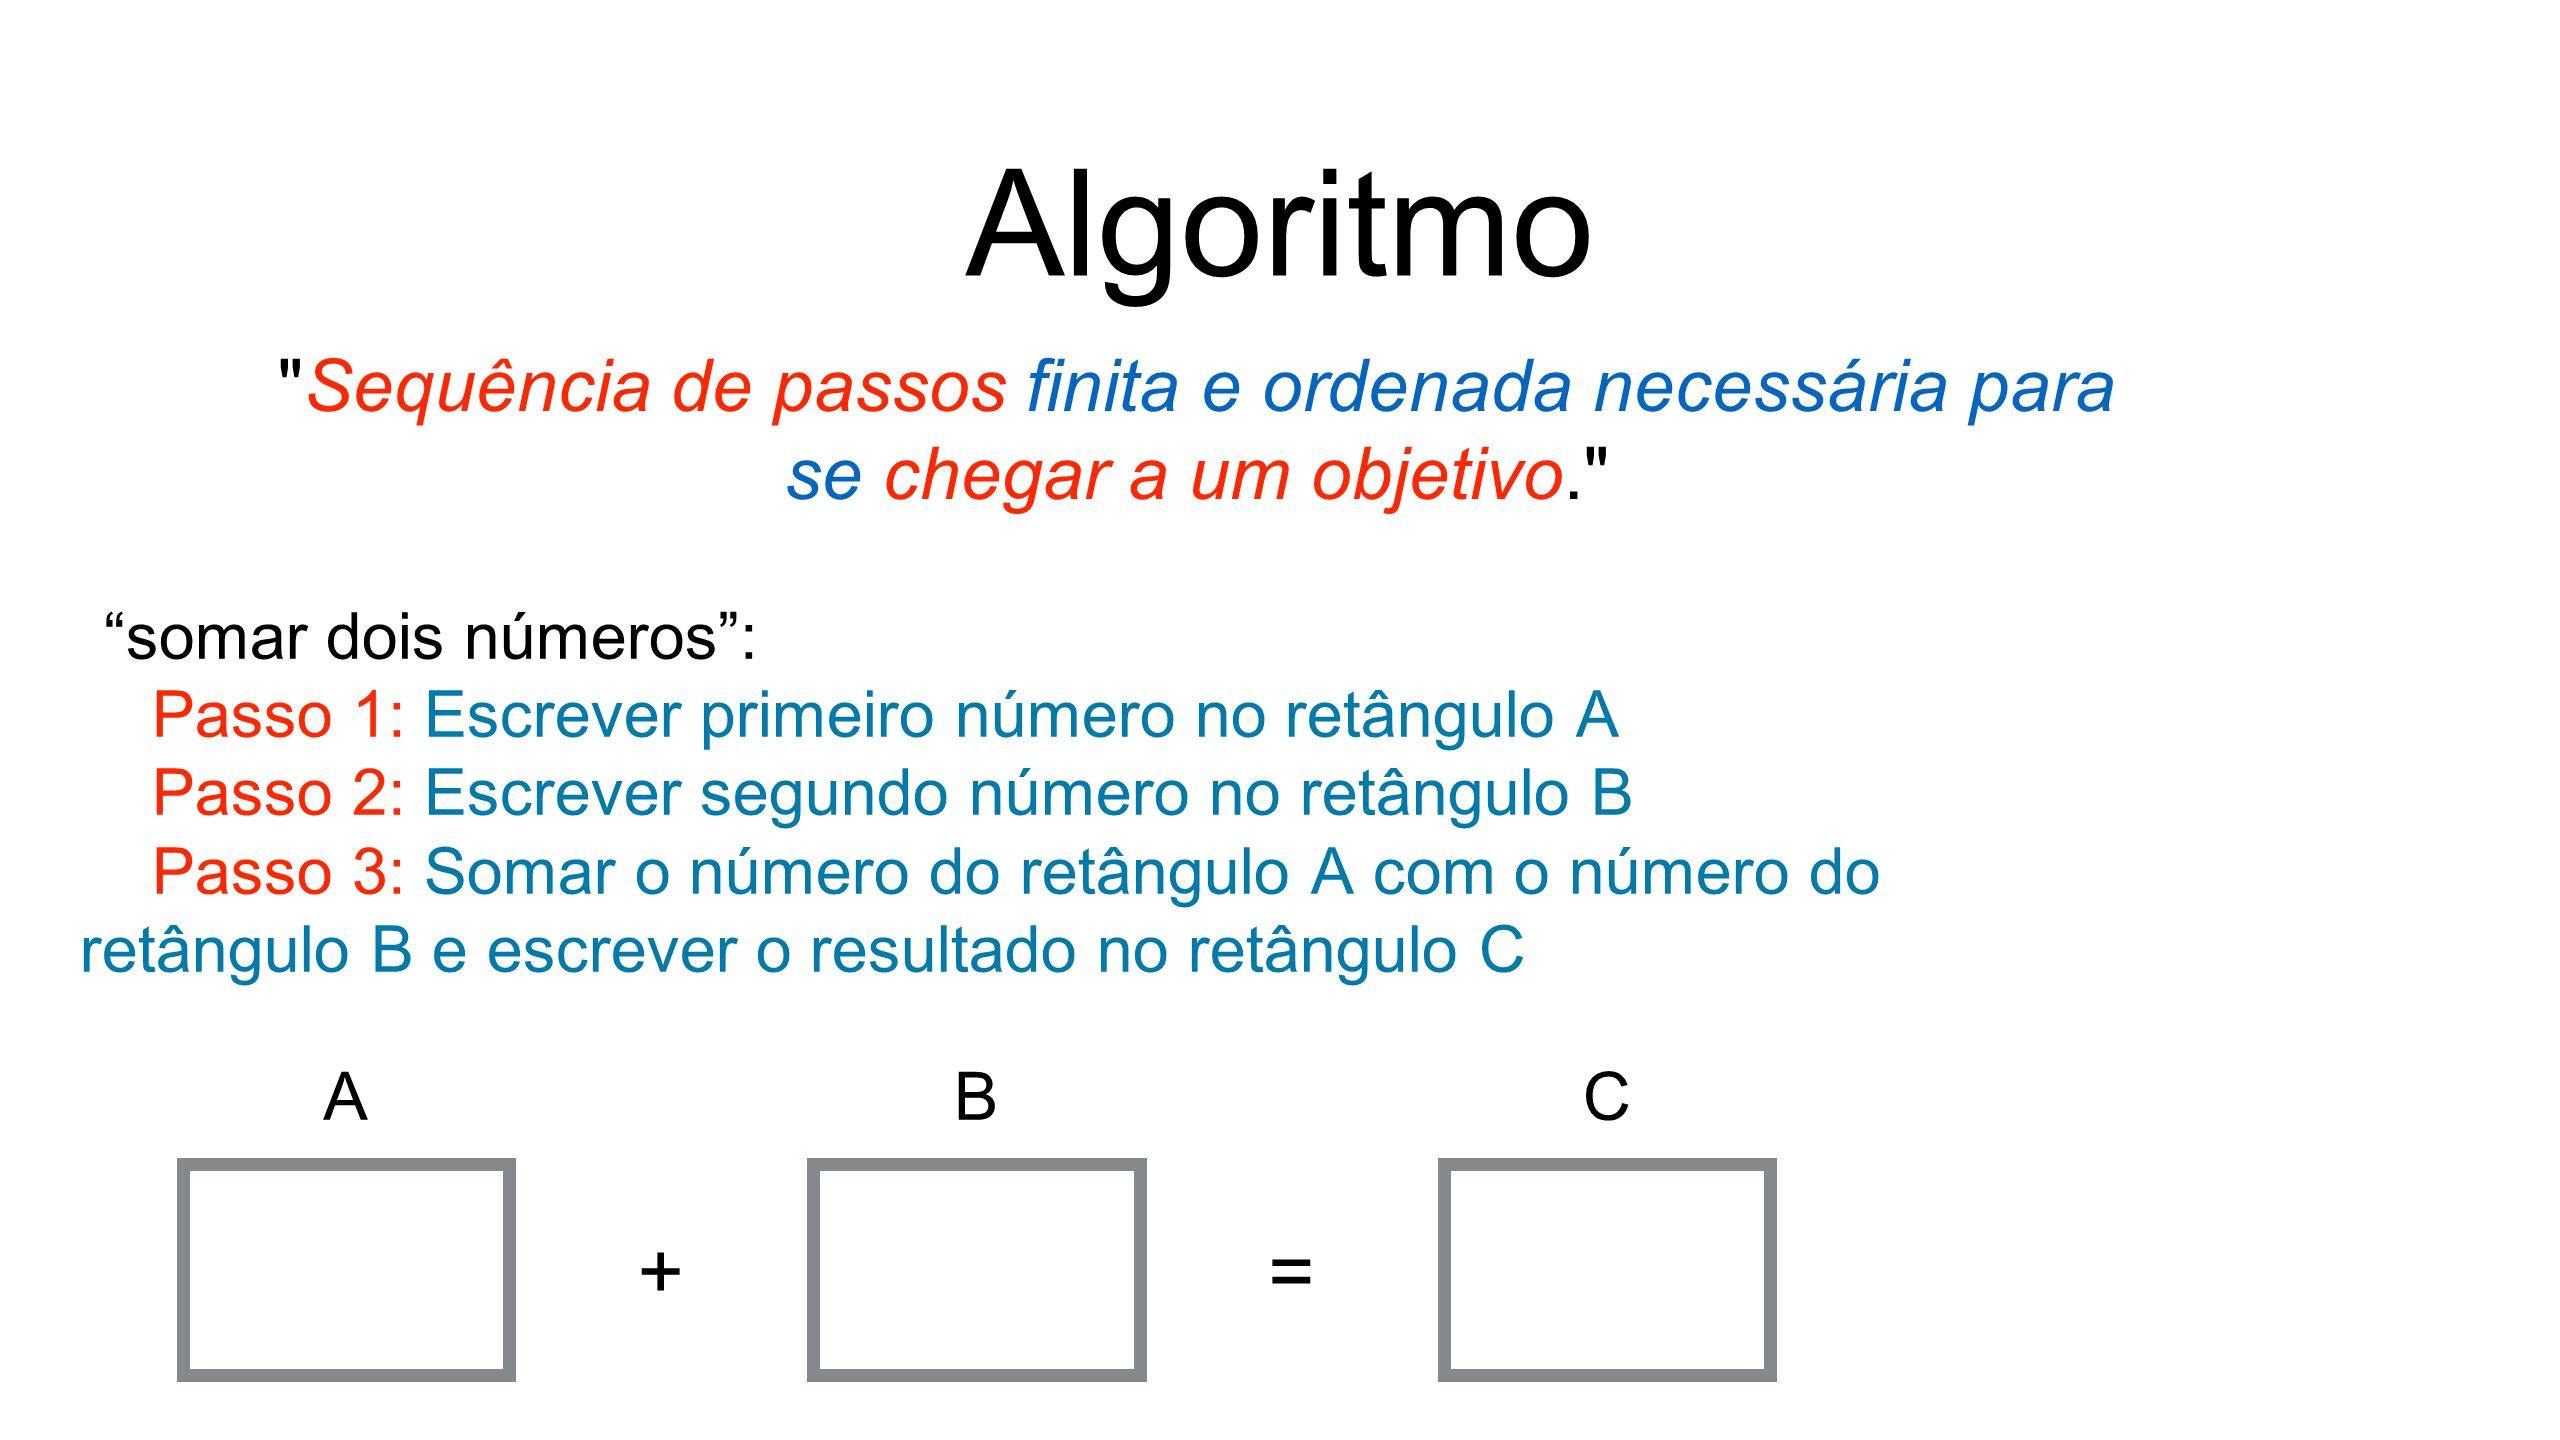 Teste de Mesa Todo algoritmo deve ser testado Usar dados e resultados previamente calculados, seguir precisamente as instruções do algoritmo e verificar se o procedimento está correto ou não Exemplo: Fazer teste de mesa para o algoritmo da média